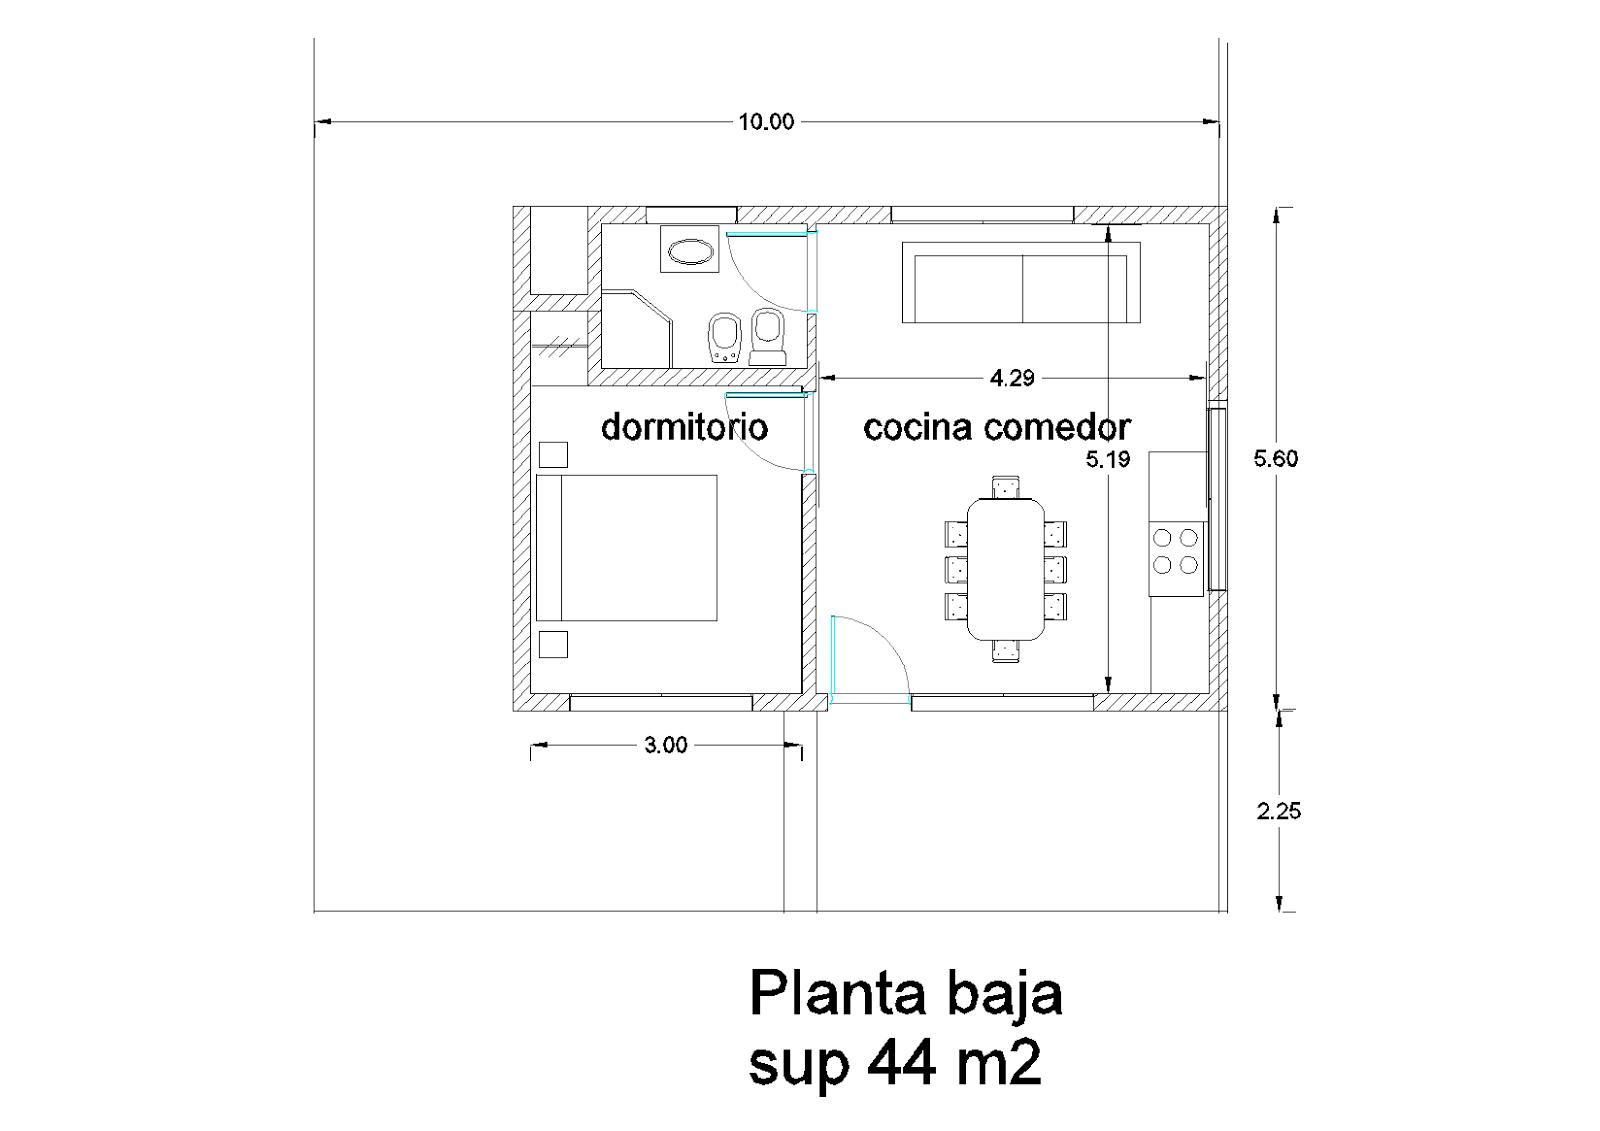 Arquitectura y dise o refacci n y ampliaci n de una casa for Arquitectura y diseno de casas